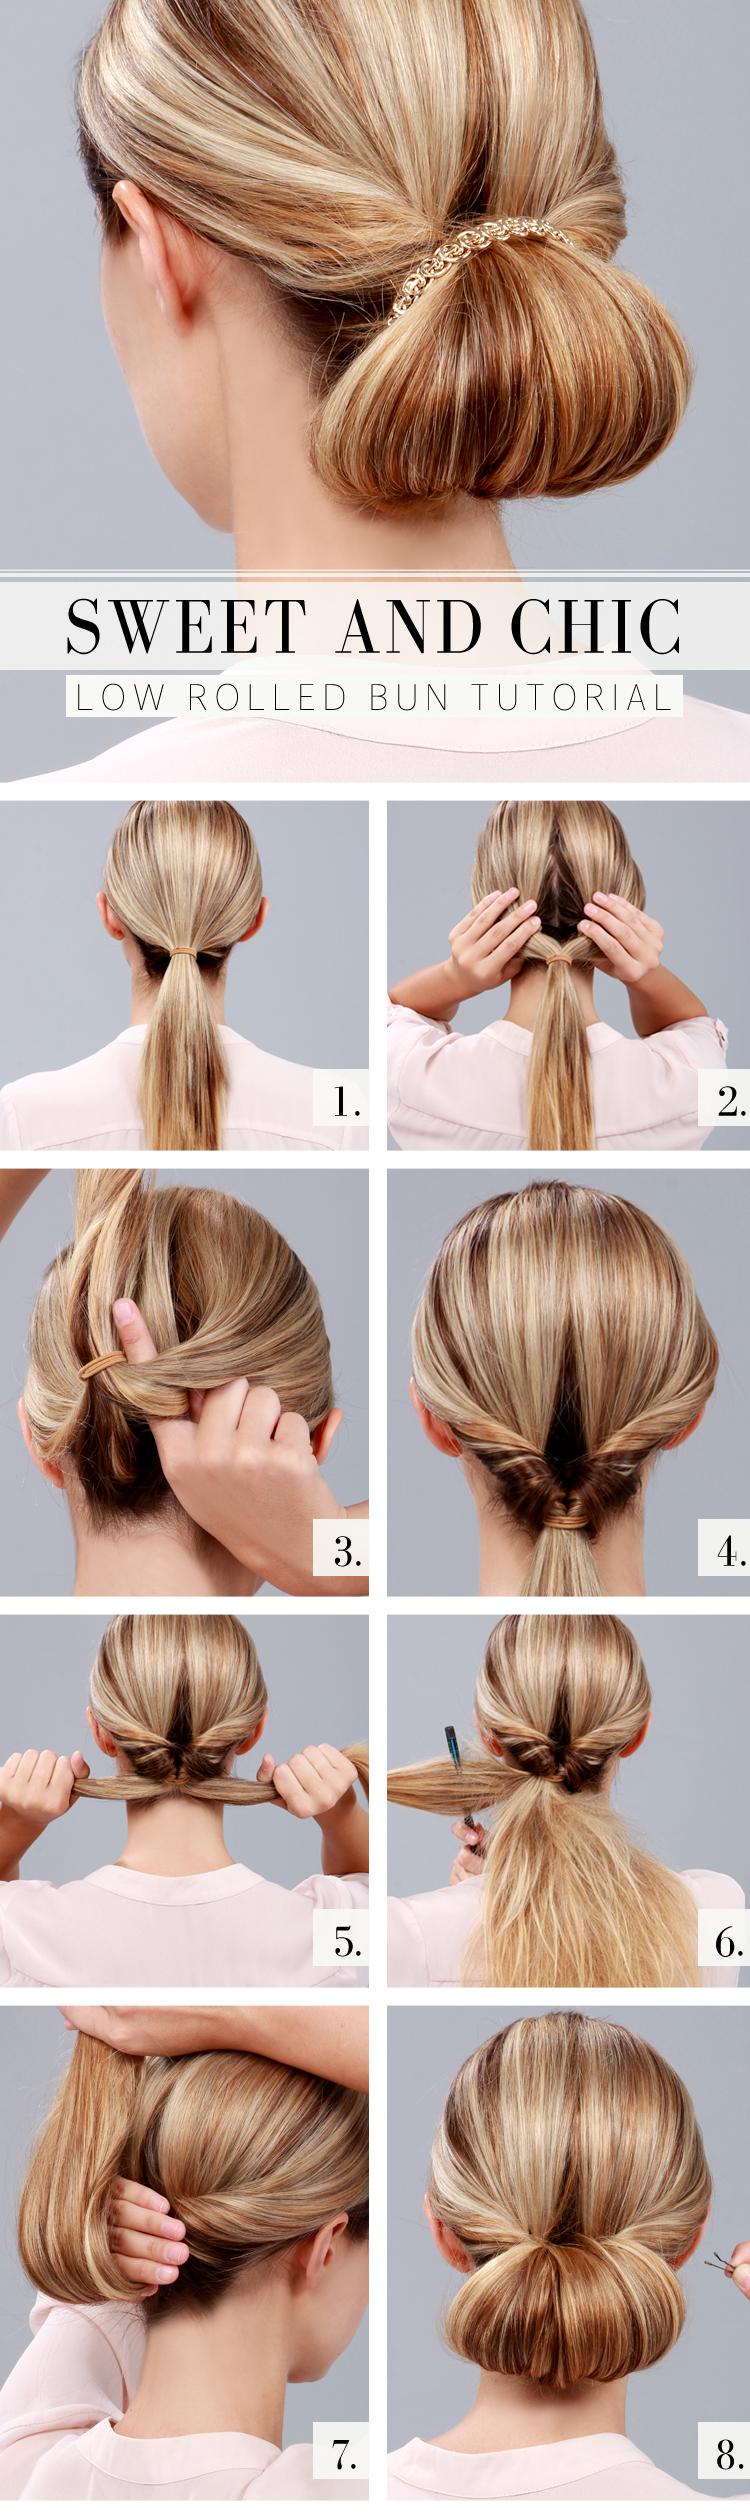 Какую сделать прическу на средние волосы